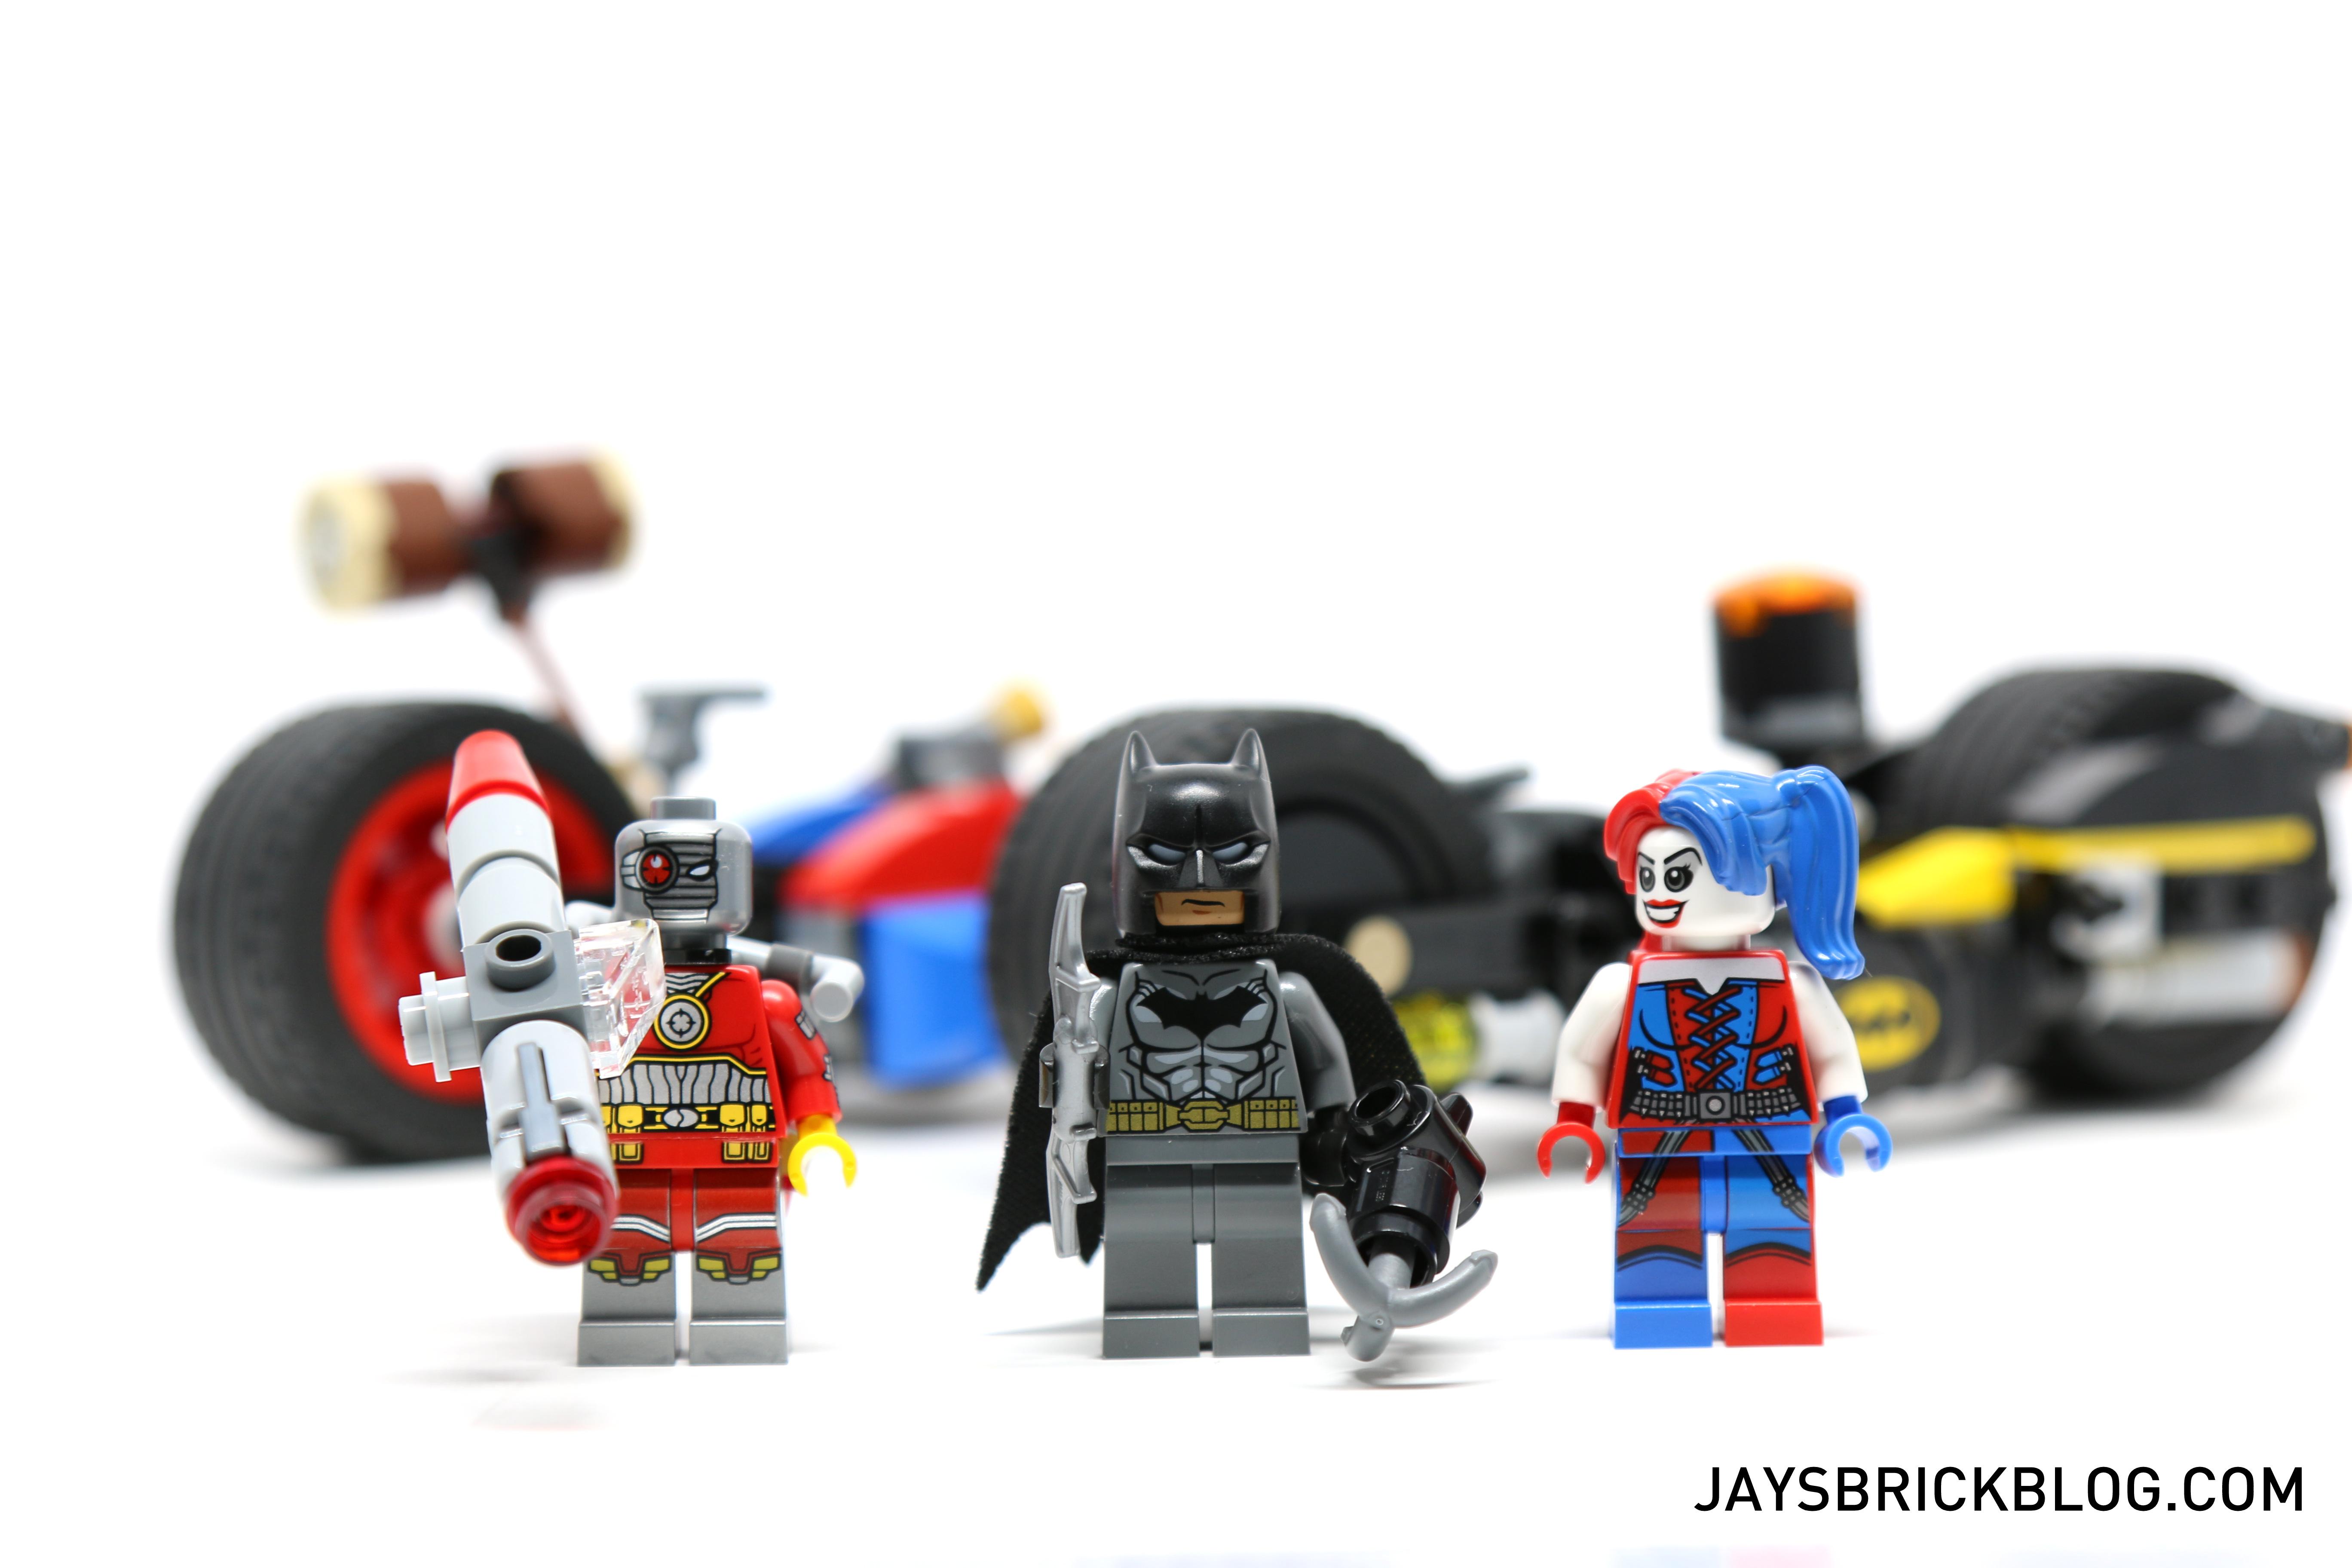 Lego DC Super Heroes HARLEY QUINN MiniFigure Cycle Bike from 76053 Batman set